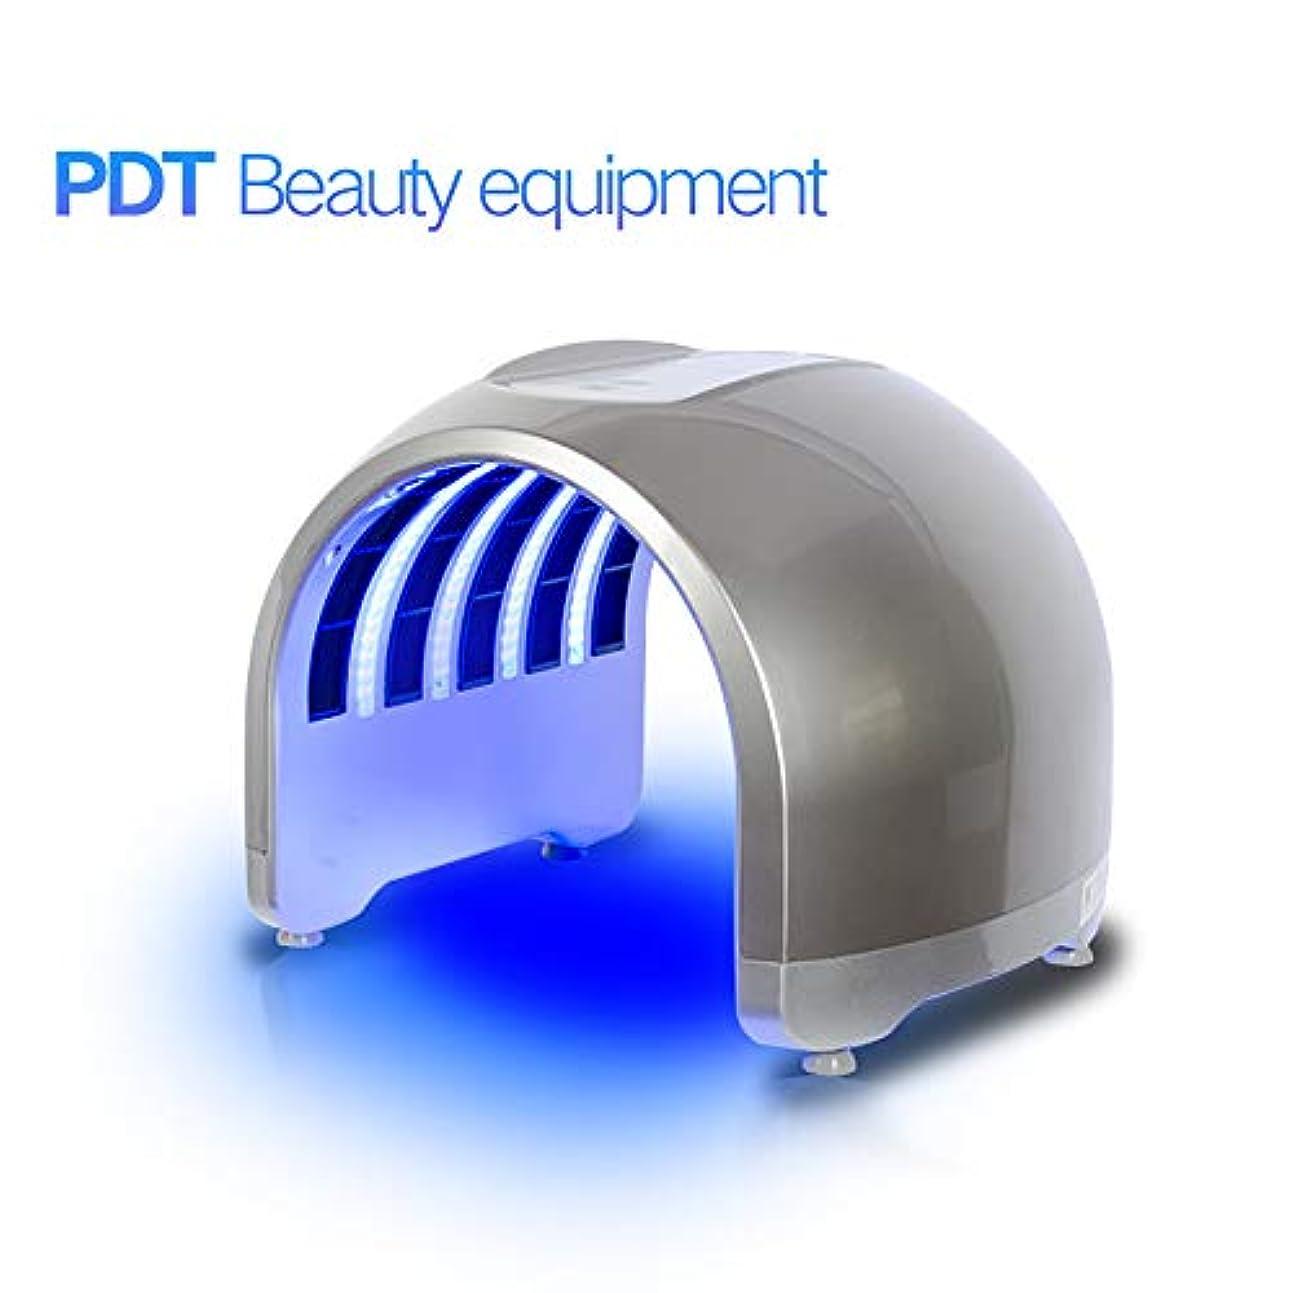 万歳ご注意モニカ4色PDT LEDライト療法機械-顔首ボディのための反老化のスキンケア用具